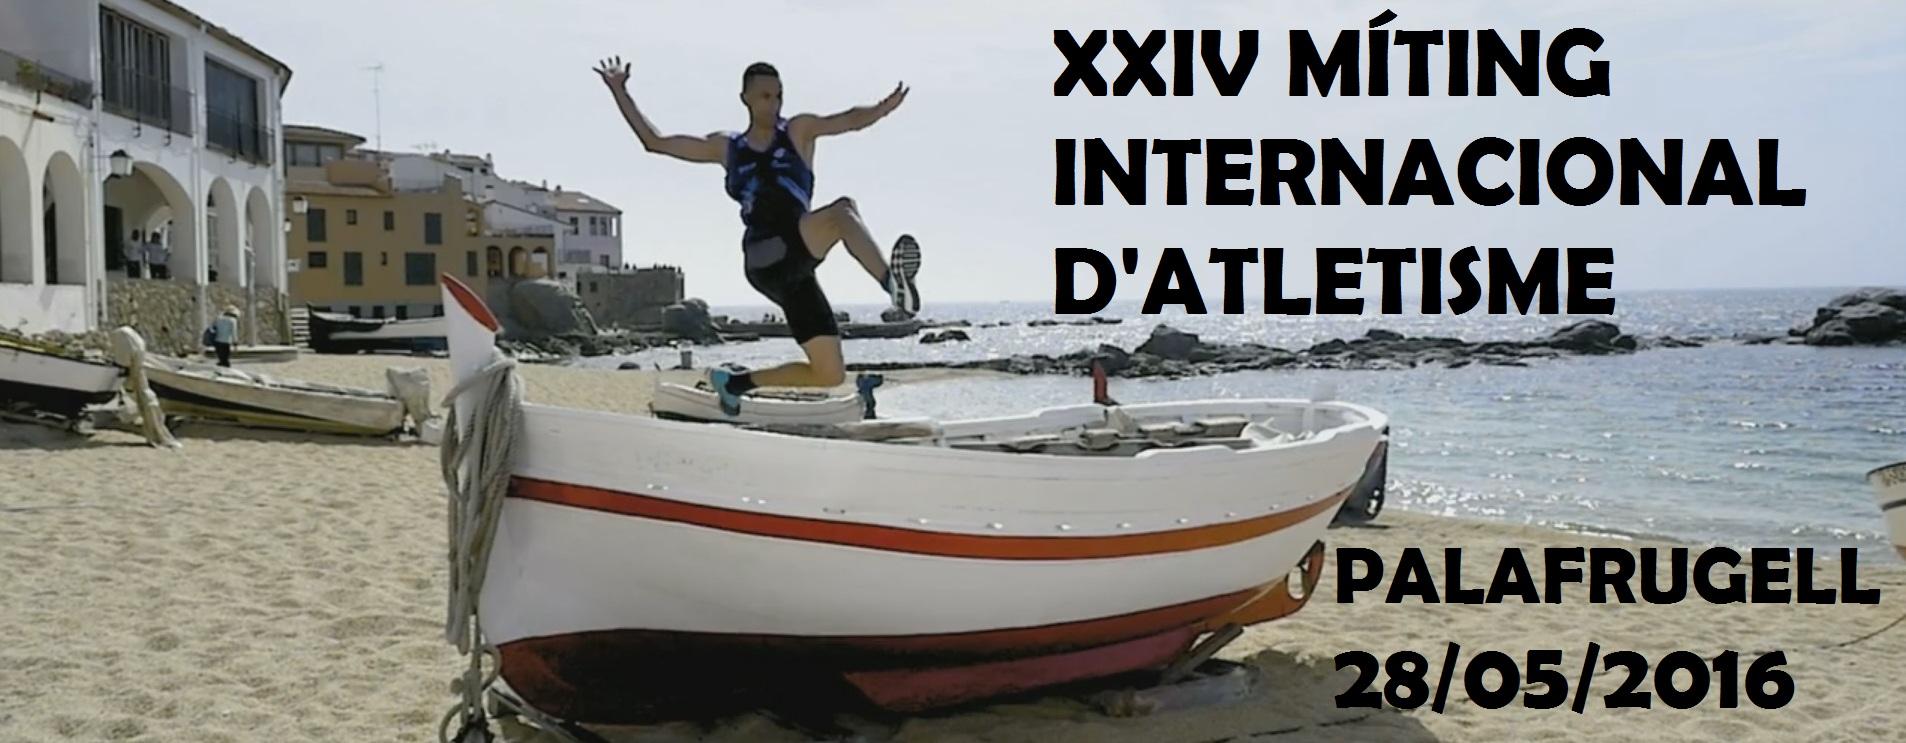 La Unió Colomenca d'Atletisme al XXIV Míting Internacional de Palafrugell